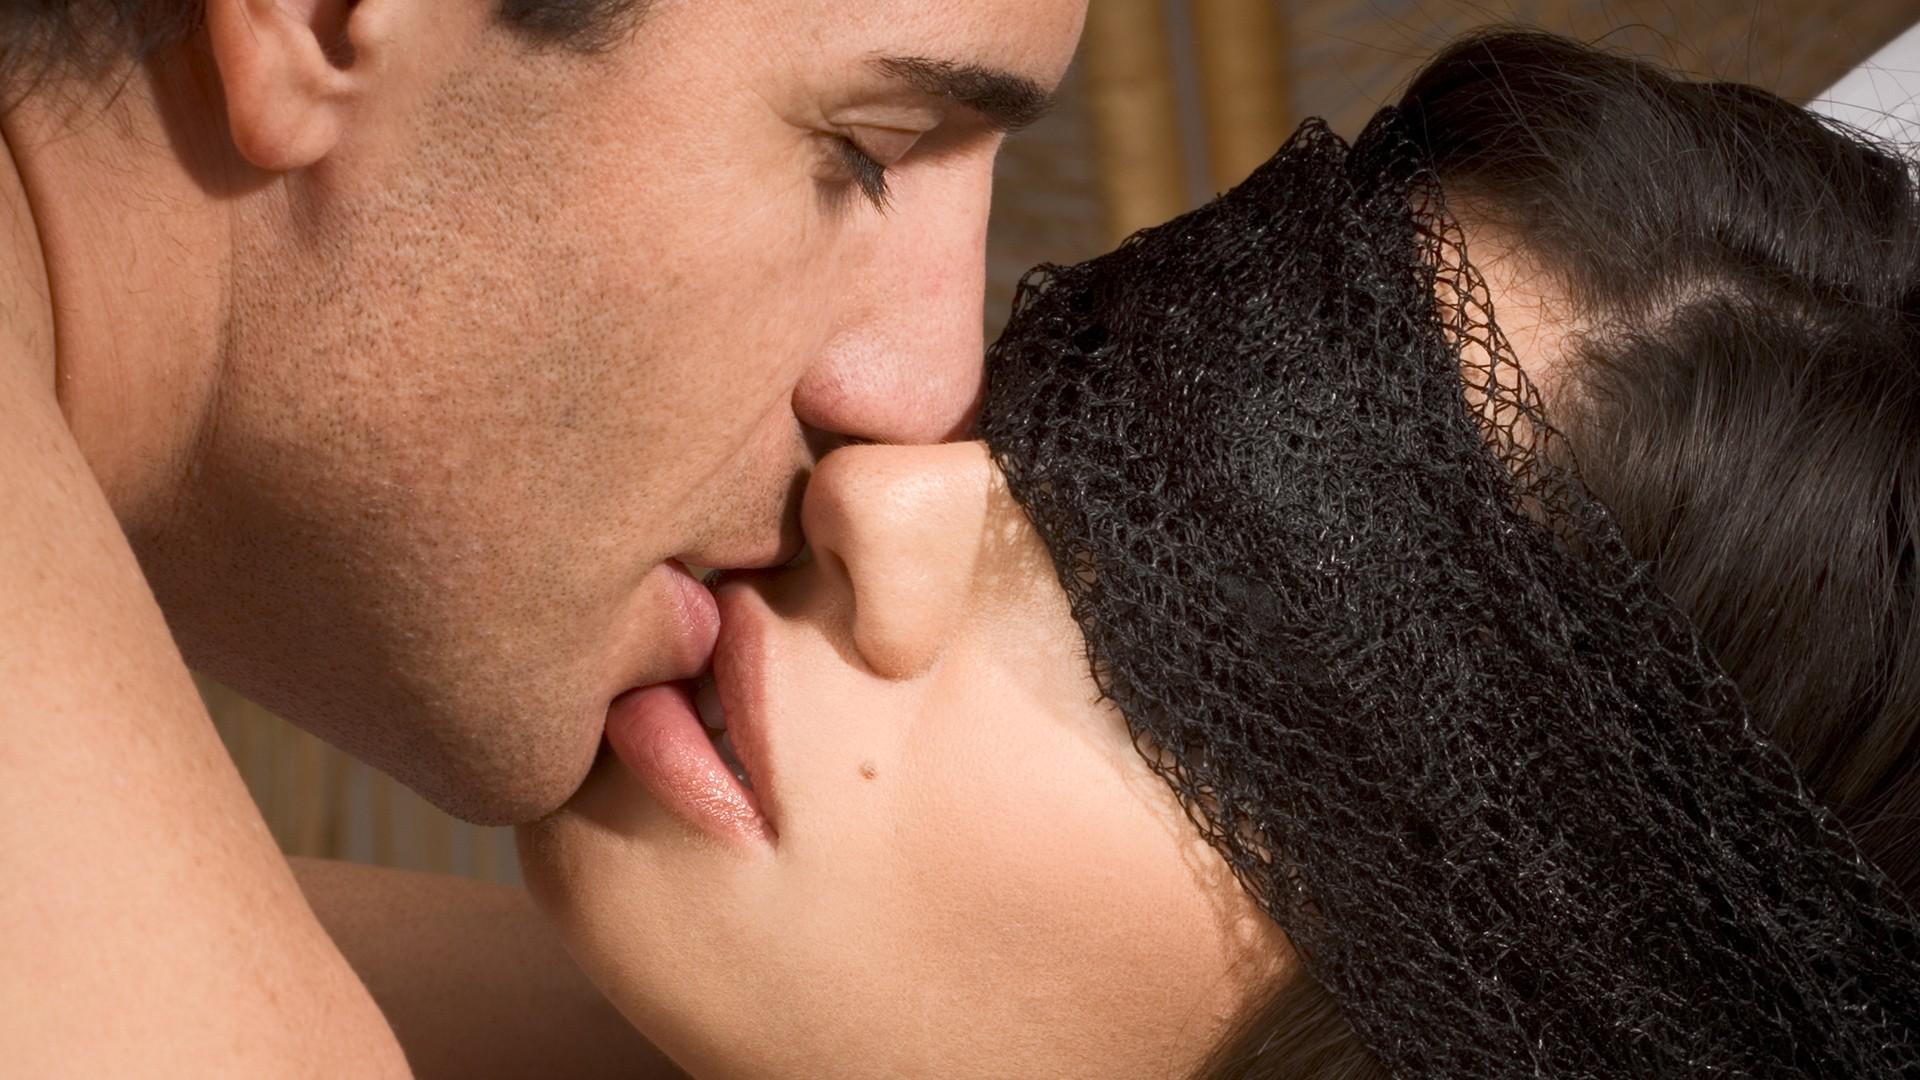 Скачать парнуху бесплатно  Скачать мобильное порно видео